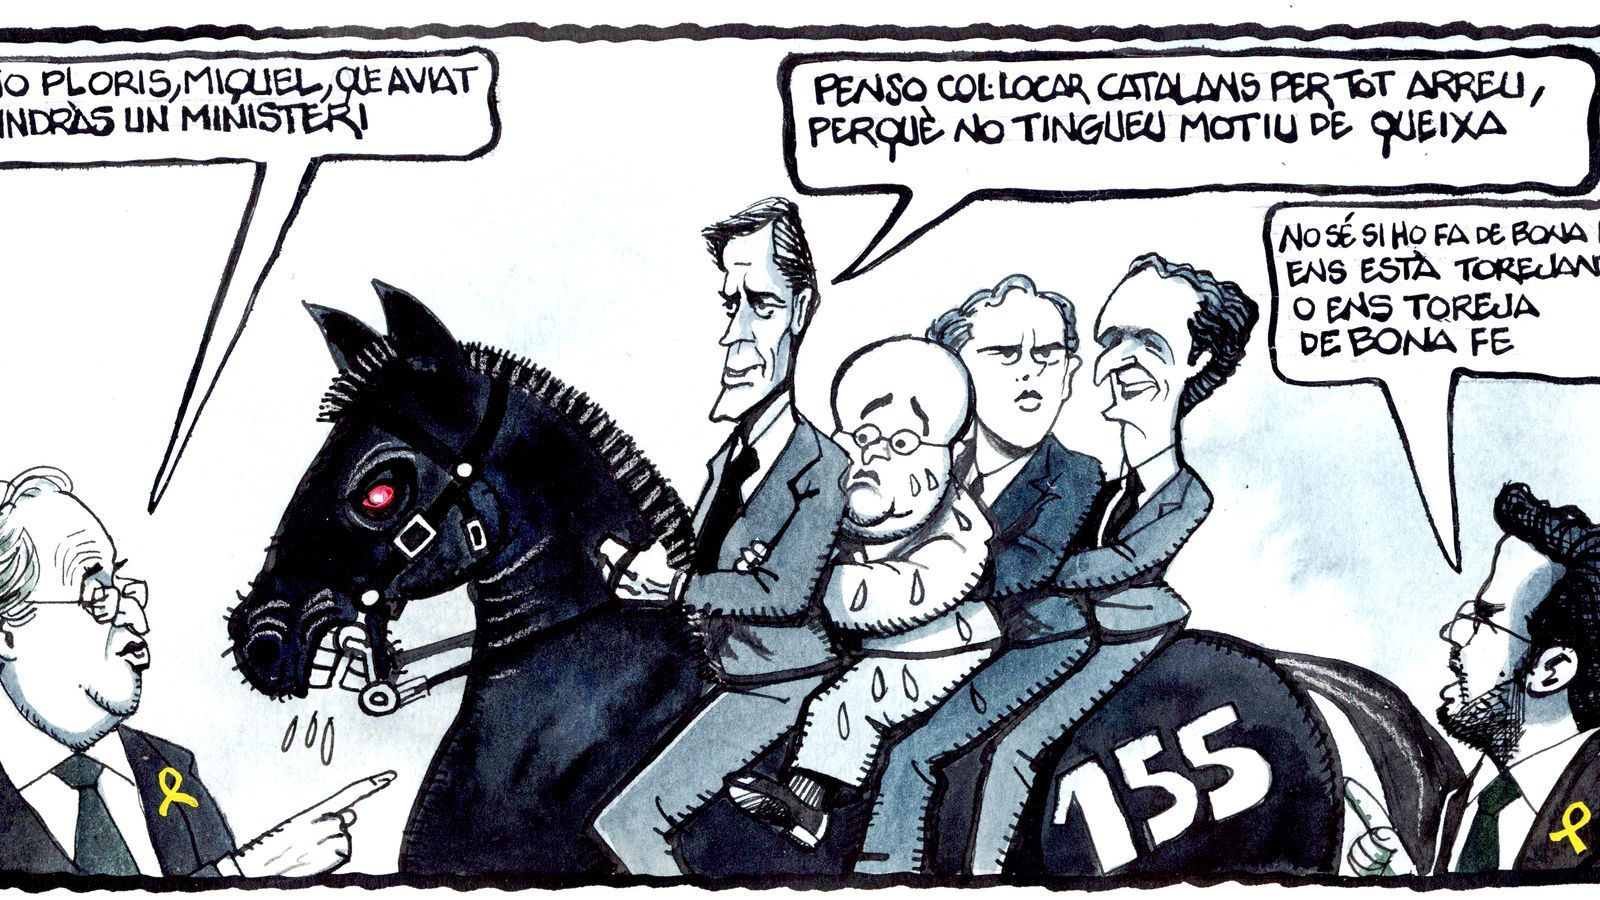 'A la contra', per Ferreres (24/05/2019)